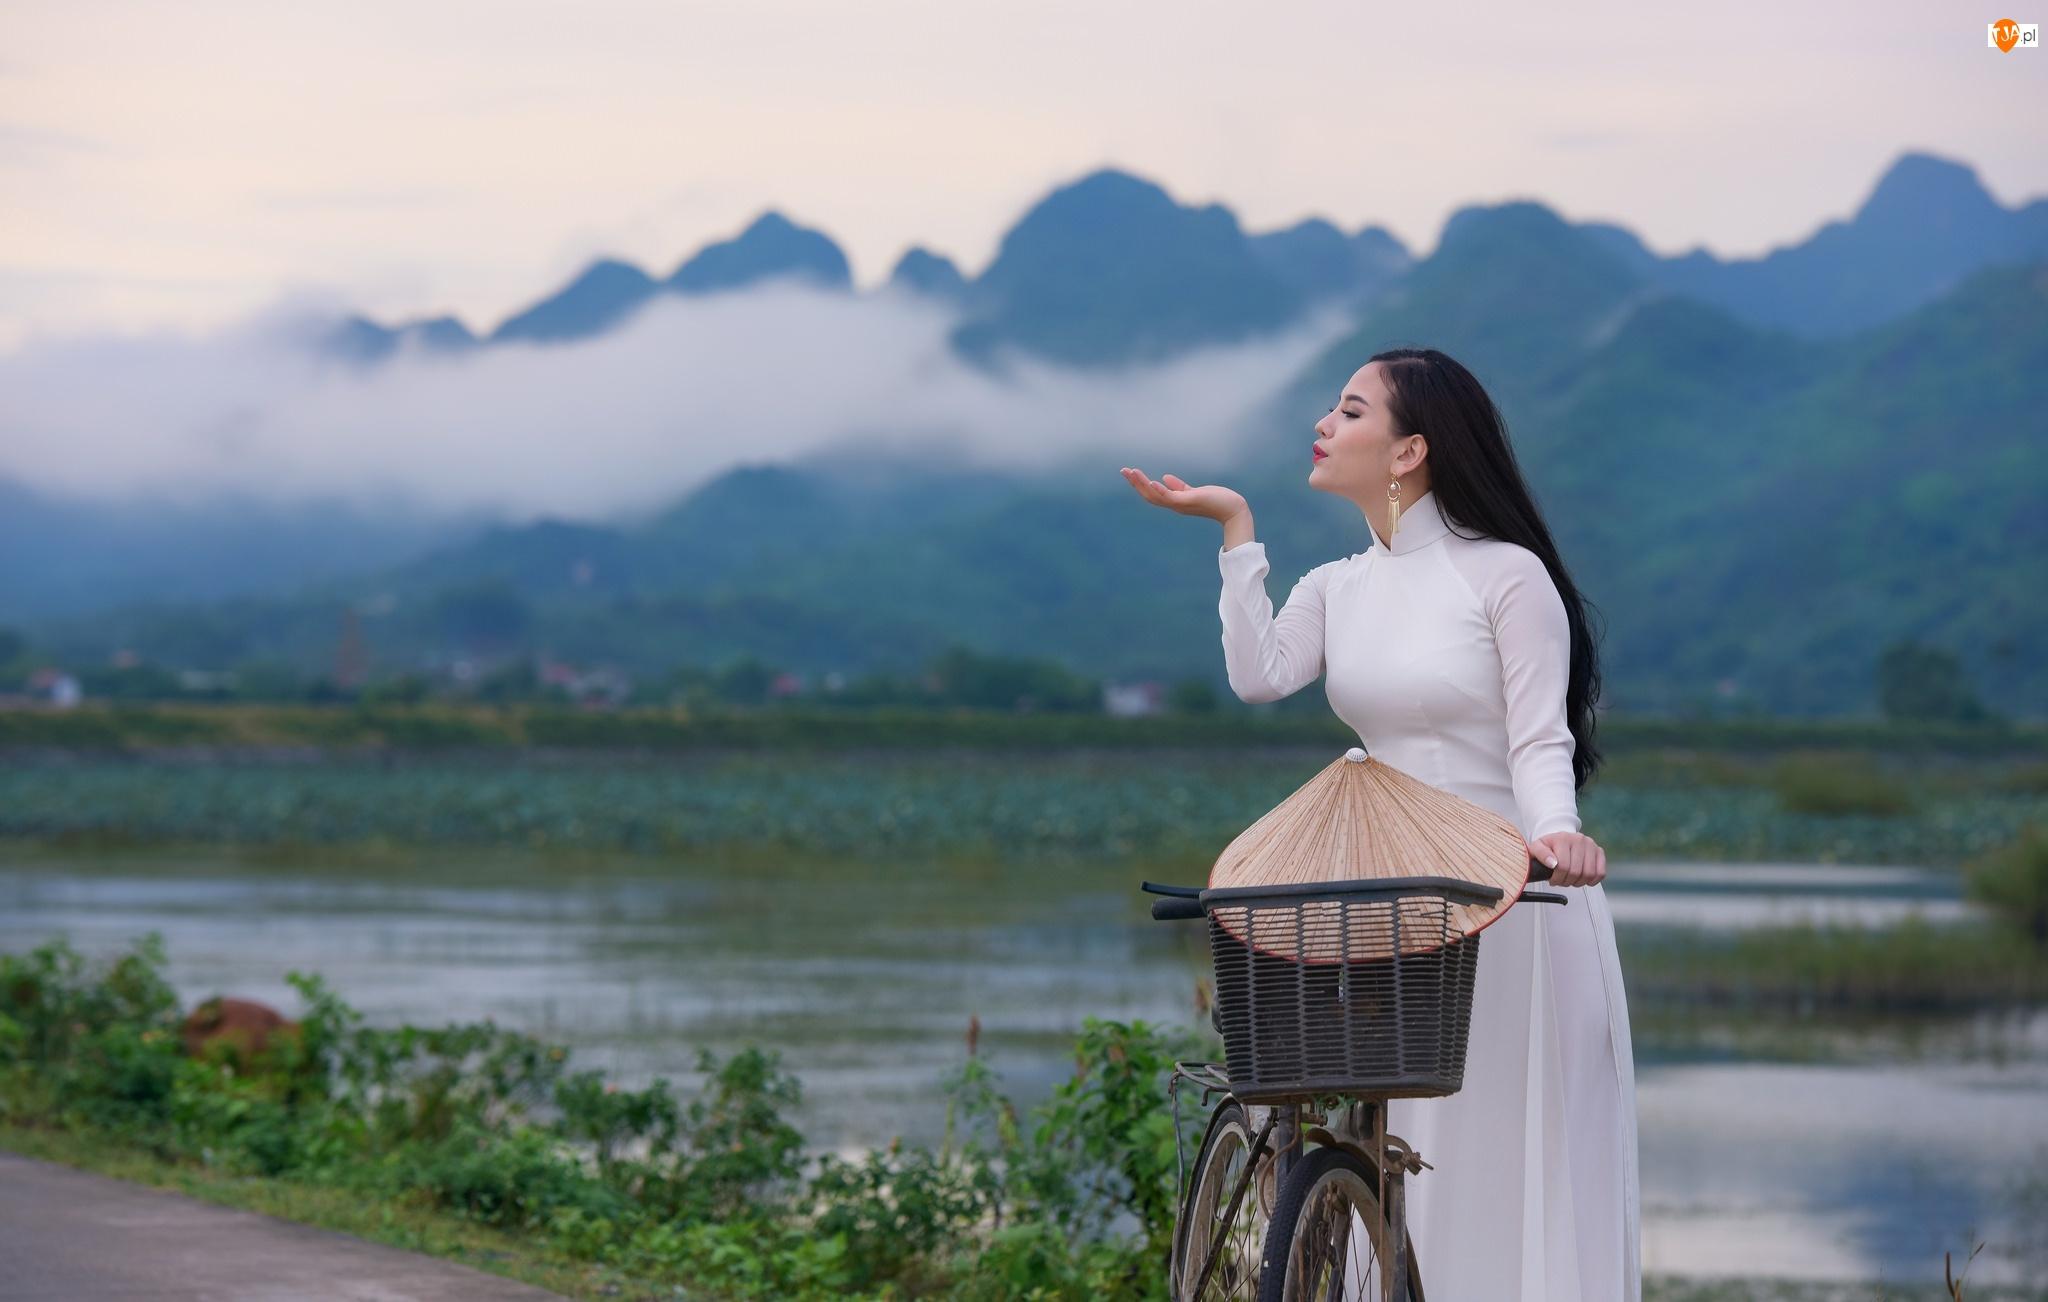 Tło rozmyte, Suknia, Azjatka, Kobieta, Rzeka, Rower, Biała